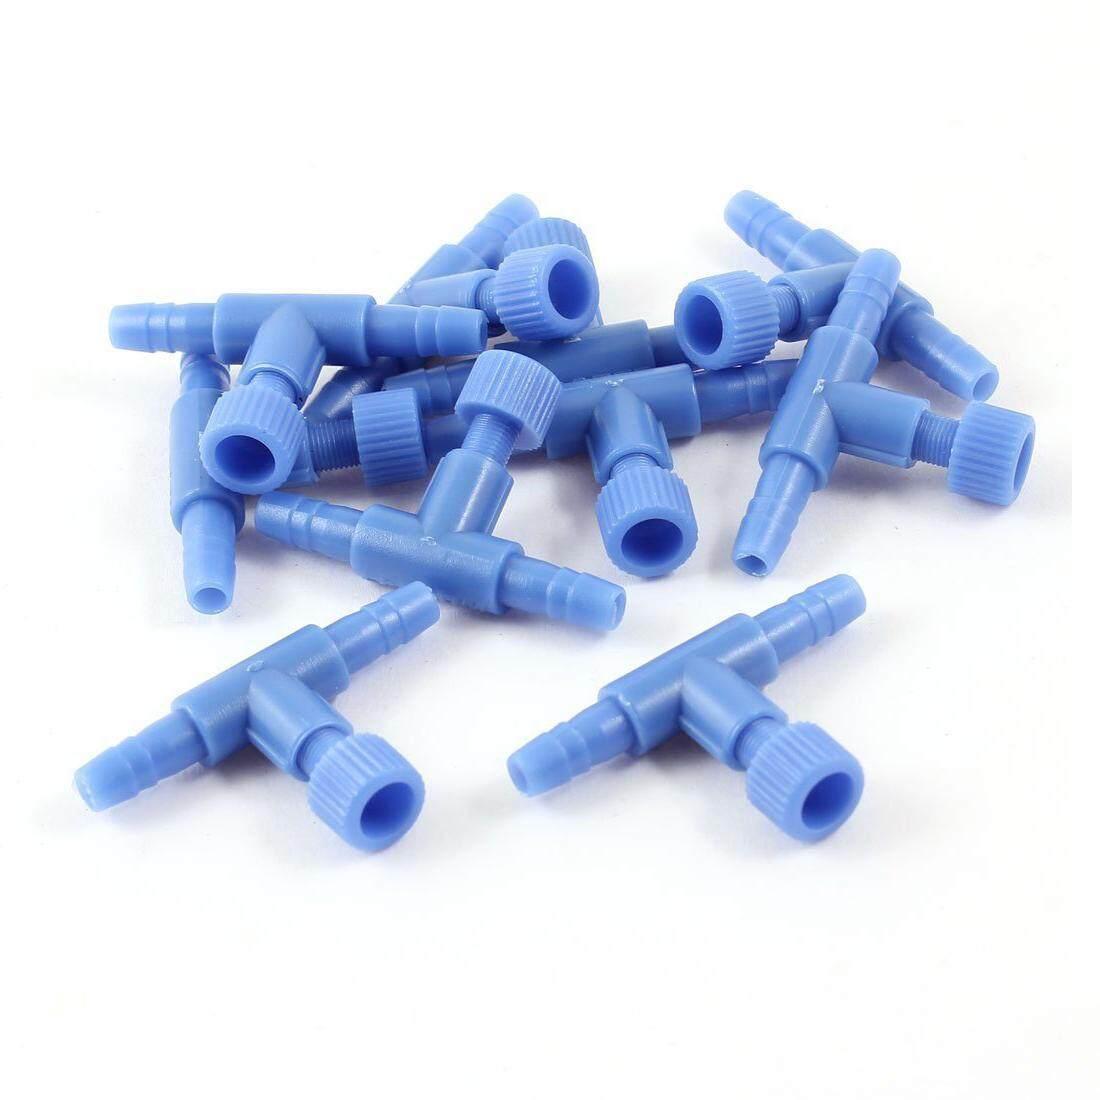 10 Pieces Plastic Aquarium Fish Tank 2 Way Air Pump Control Valves, Blue